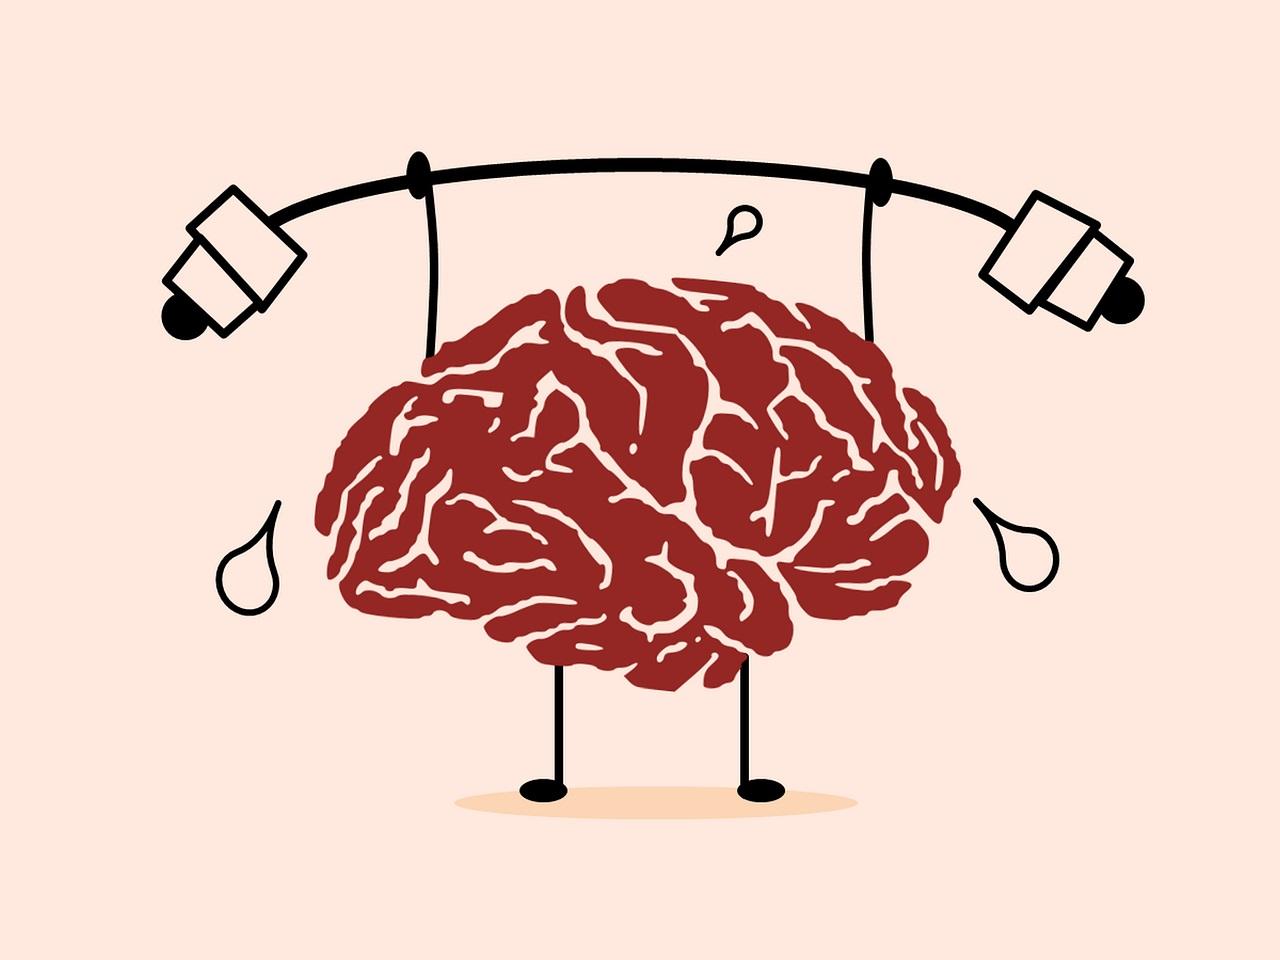 De wonderlijke veerkracht van de hersenen 1